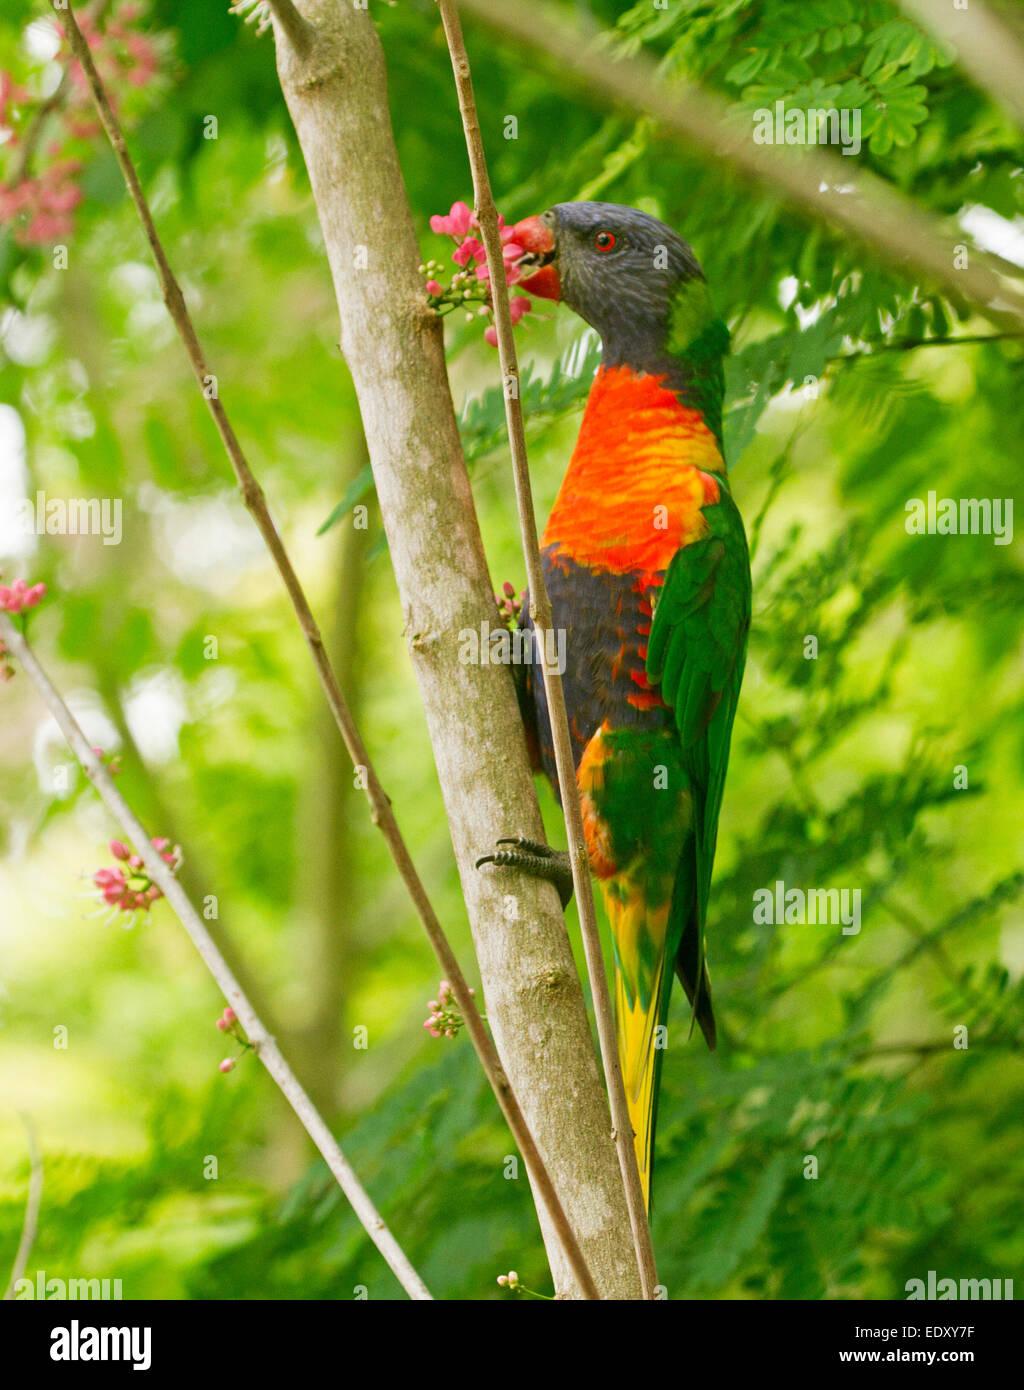 Rainbow lorikeet colores brillantes, Australian parrot en el medio silvestre se alimentan en racimo de flores rosadas de plancha, árbol nativo Melicope elleryana Foto de stock